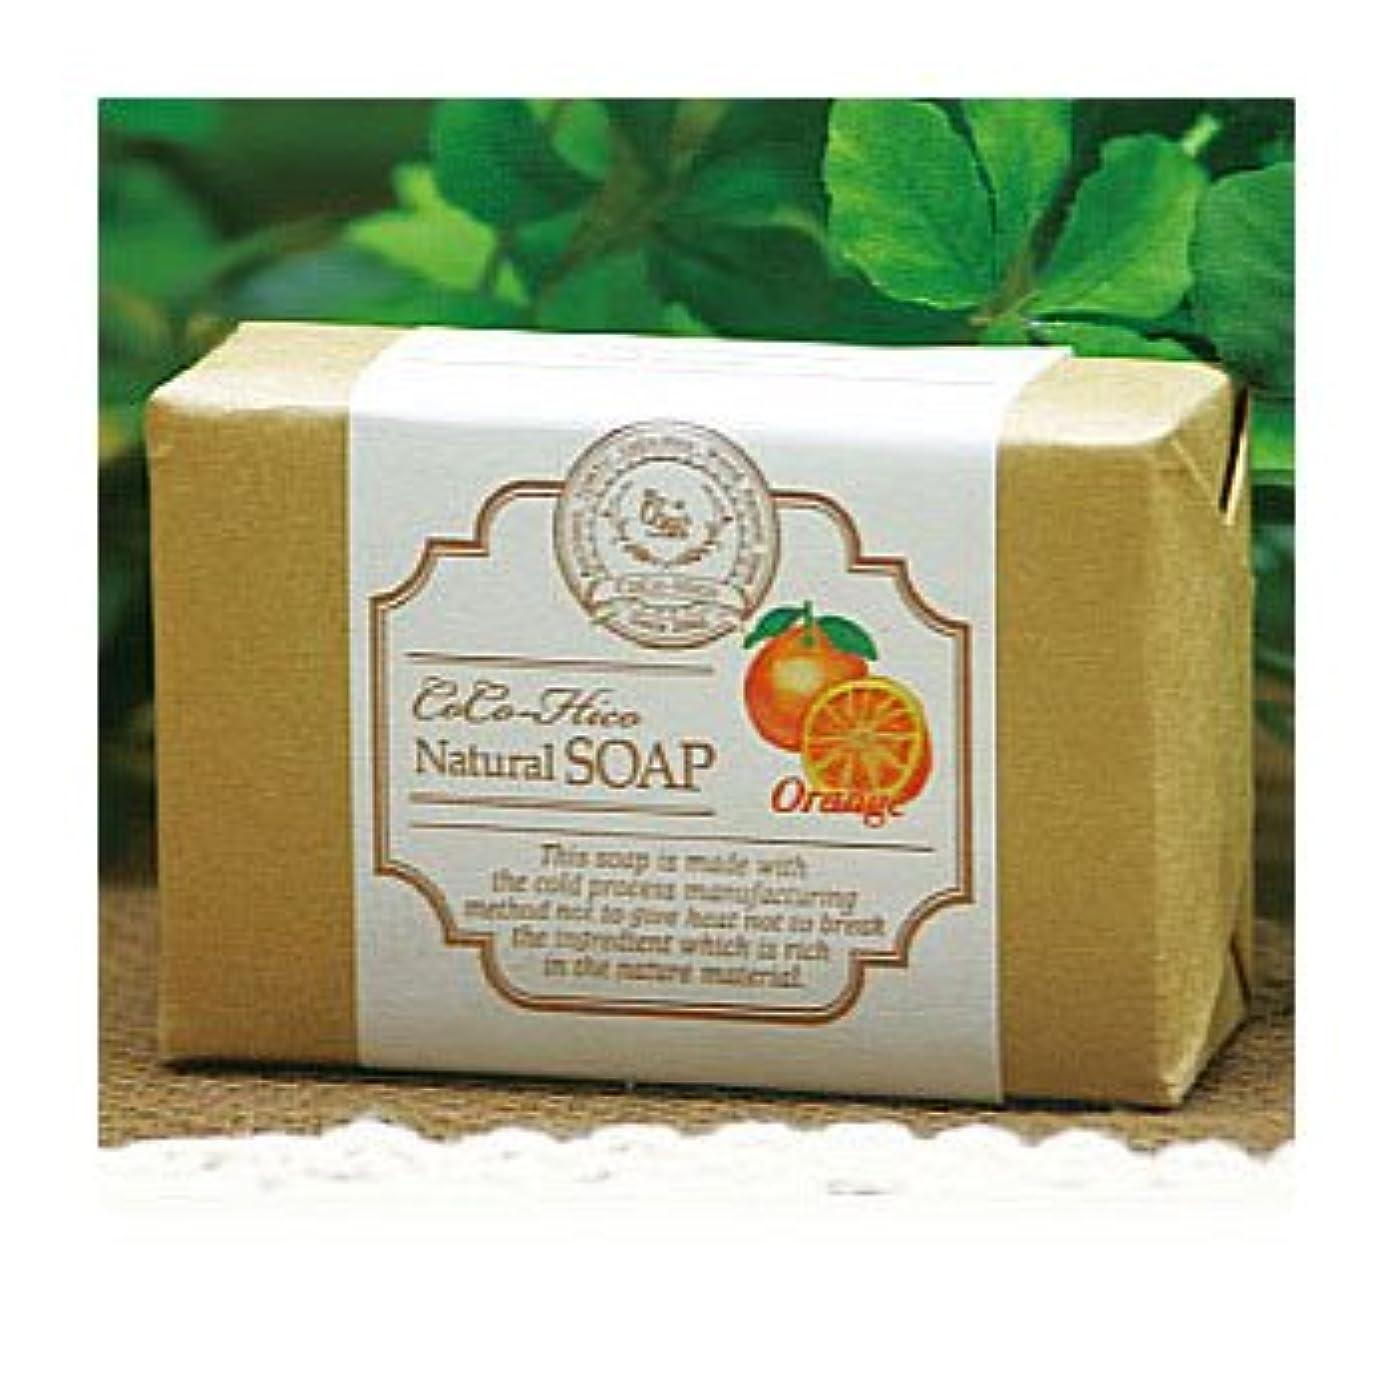 測定カウント異議【無添加 手作り 生せっけん】-CoCo-Hico SOAP-ココヒコ生せっけん オレンジ